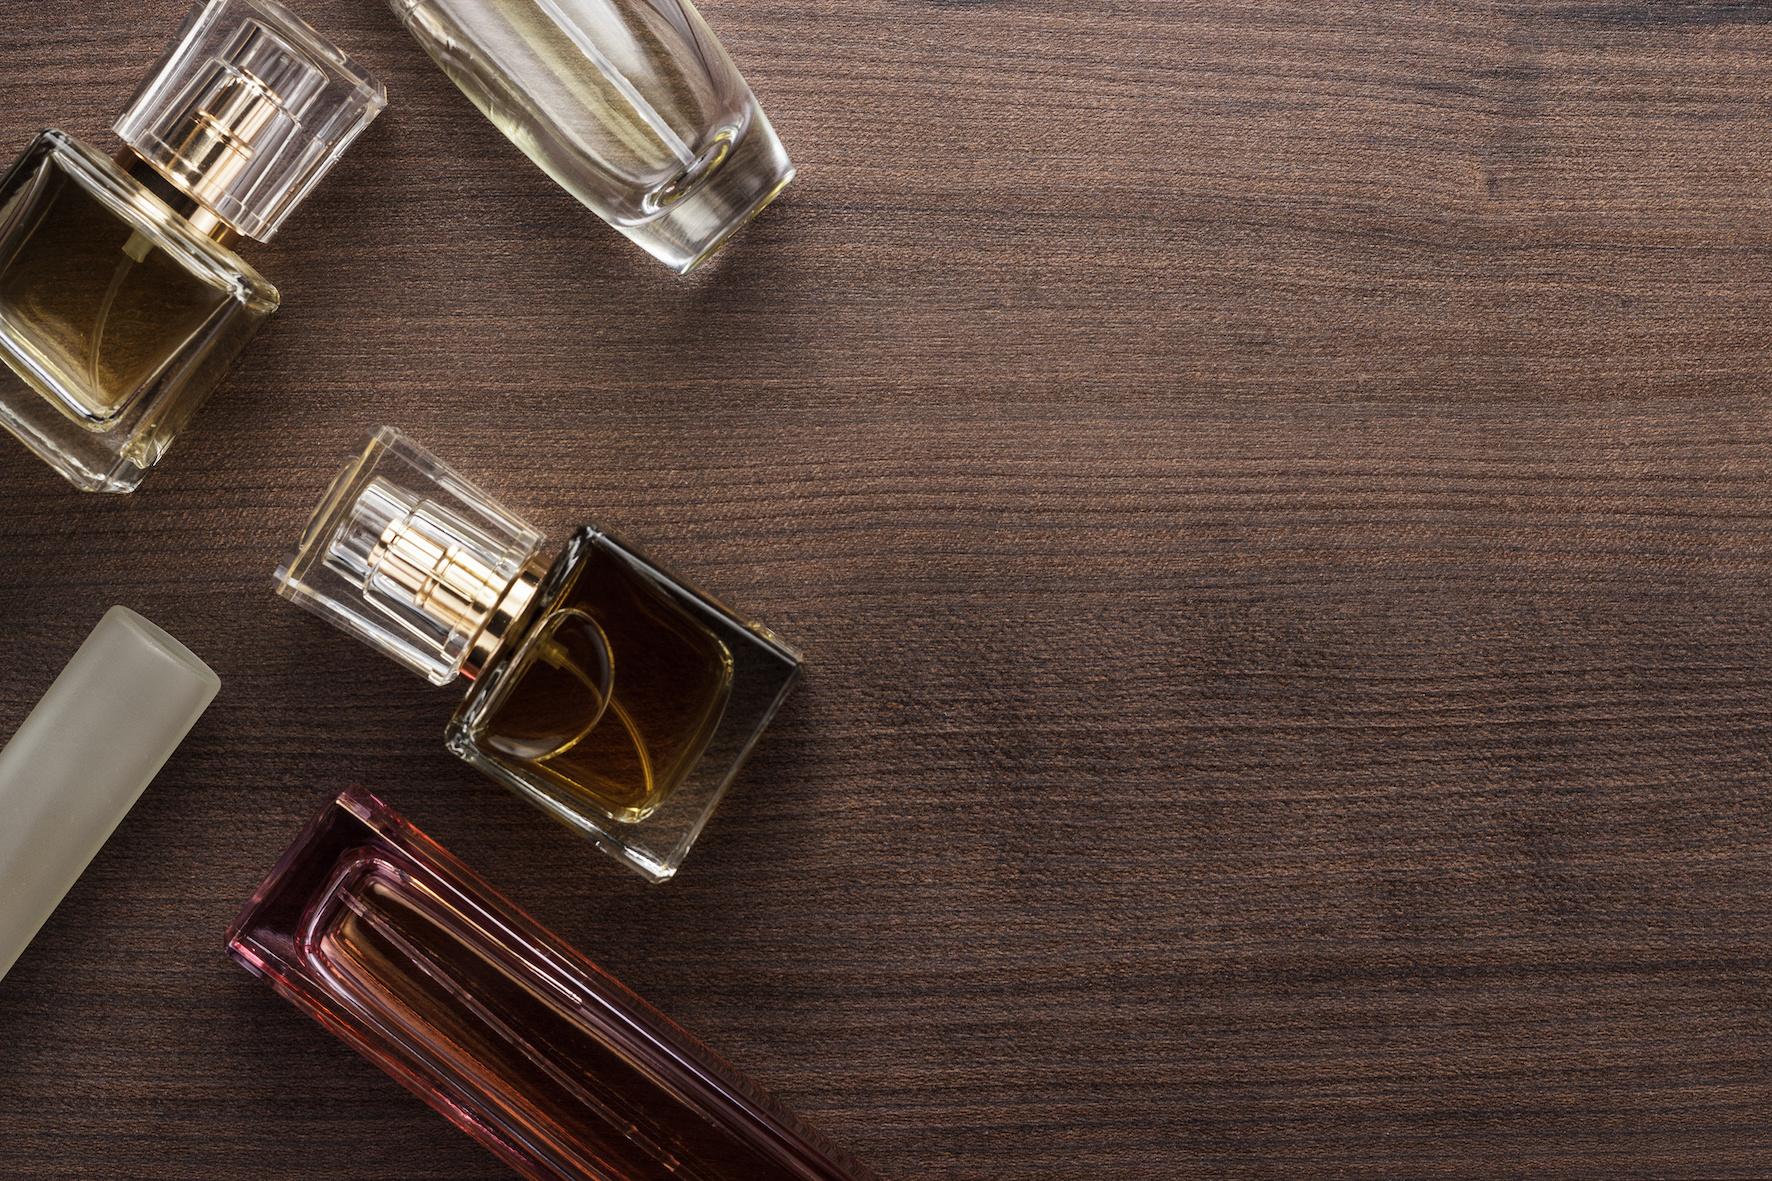 男性につけてほしい甘い香りの特徴